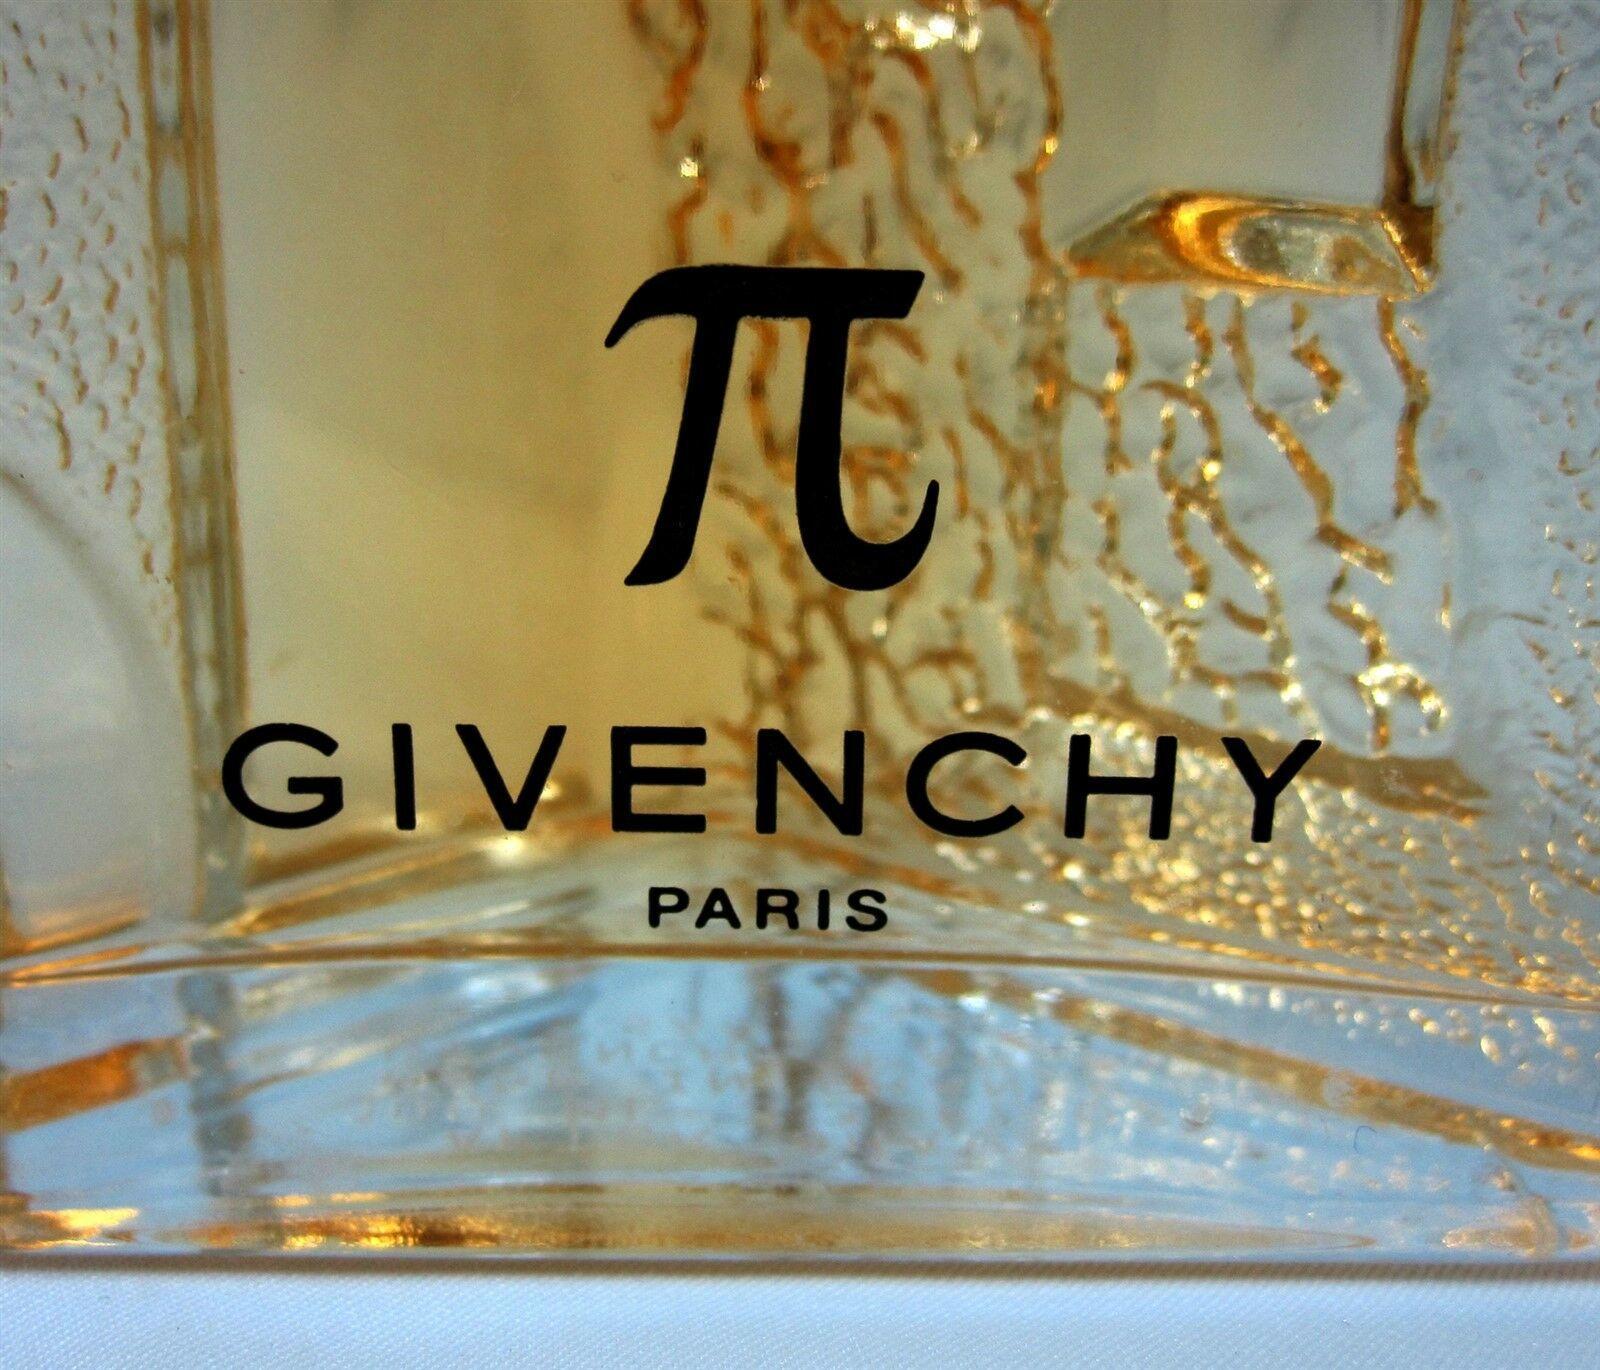 Givenchy Mens Pi After Shave Aftershave Splash 100 ml 3.3 fl oz Paris France